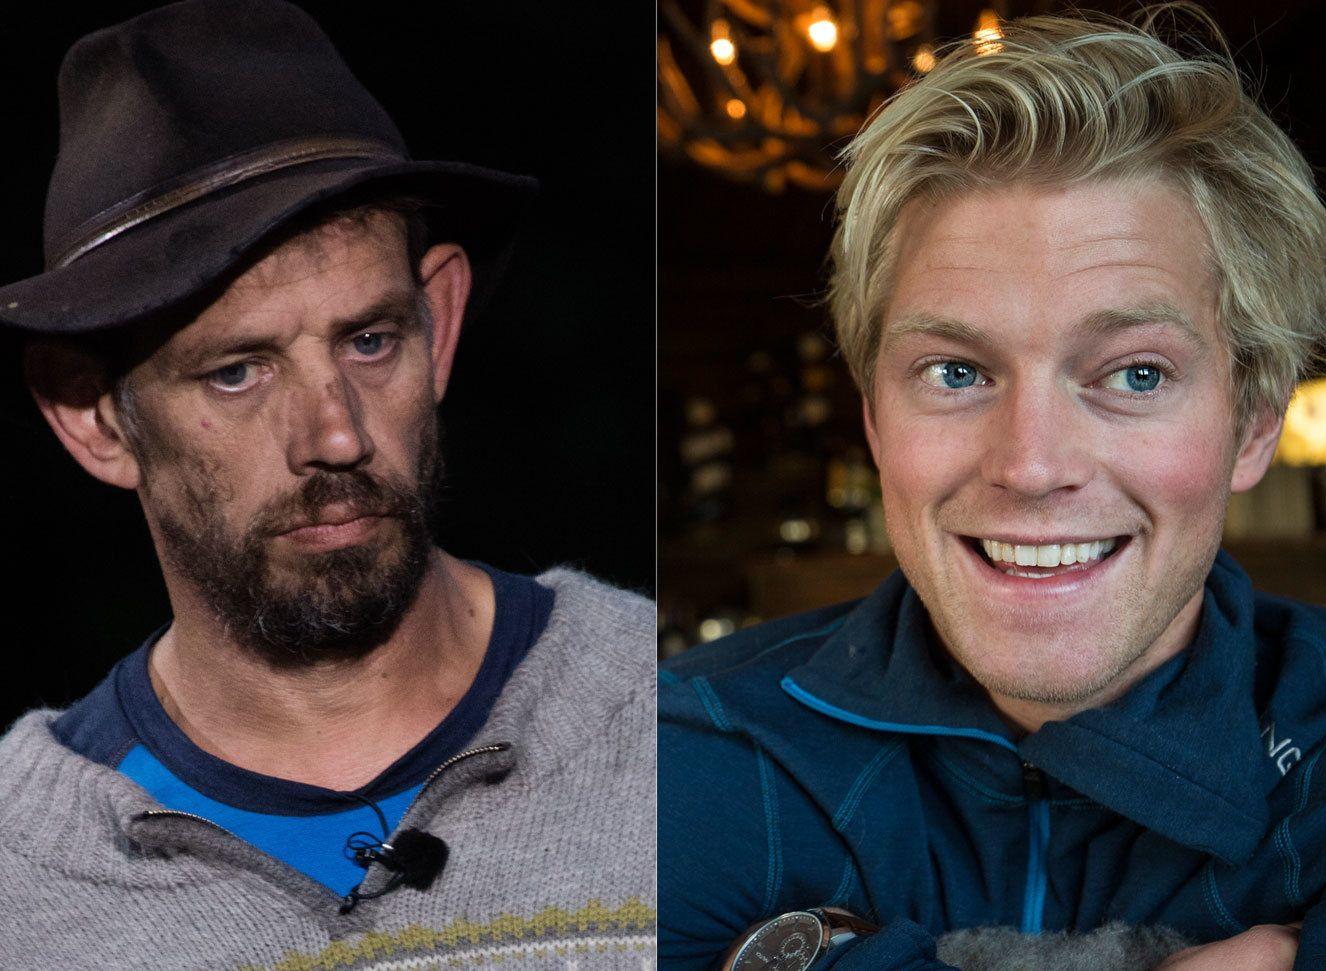 LETTET: Både Leif Einar Lothe (t.v.) og Eilev Bjerkerud slipper med «skrekken».